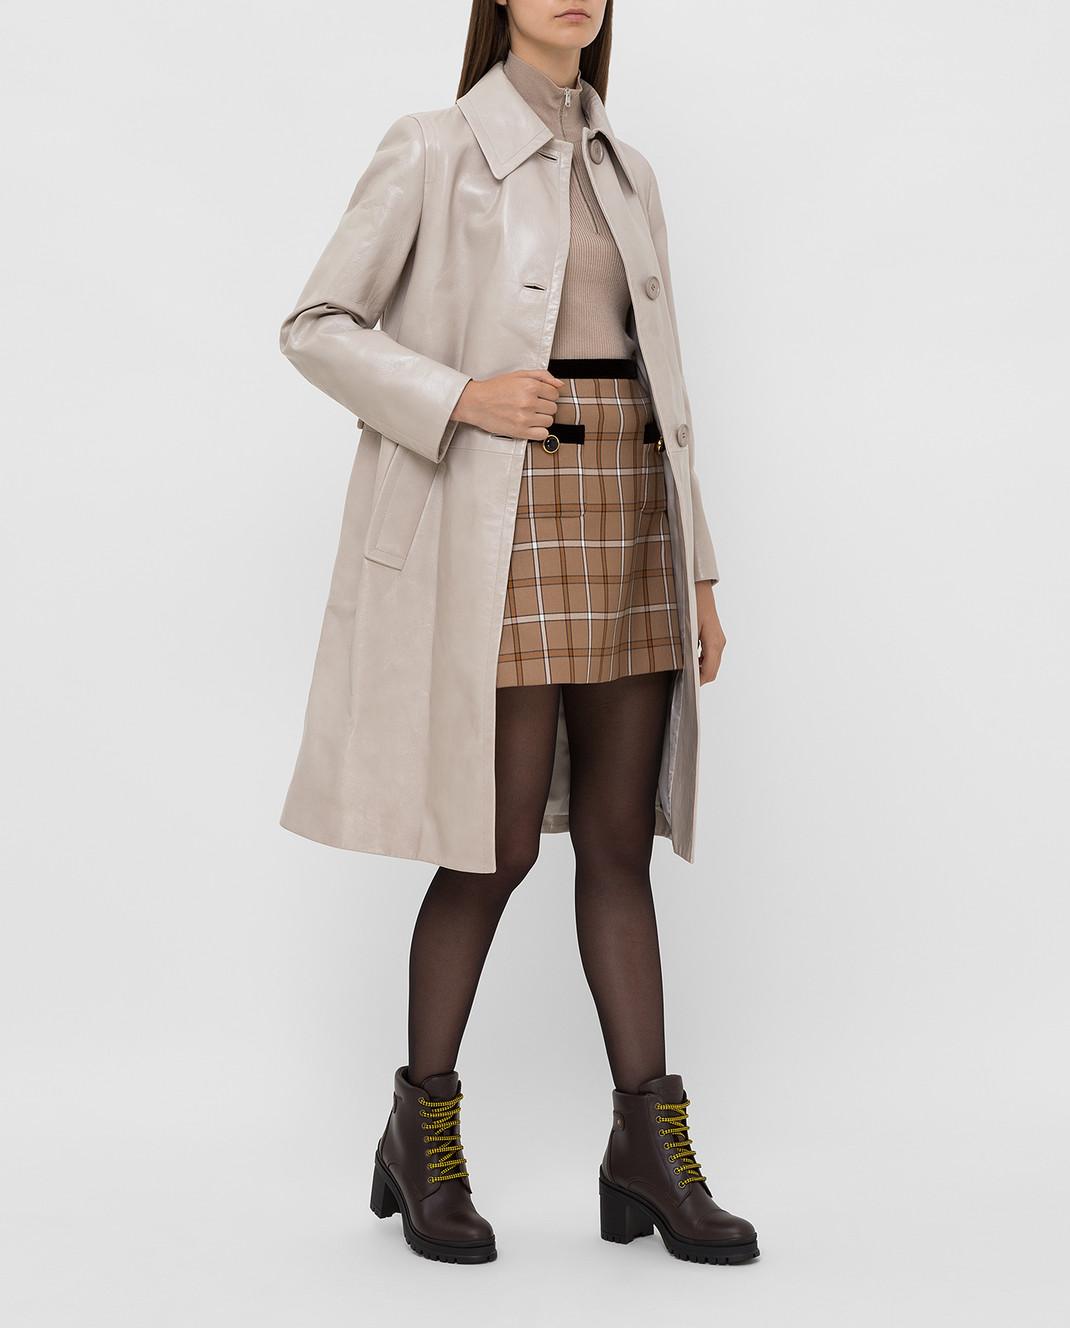 Prada Бежевое кожаное пальто 569031UKQ изображение 2